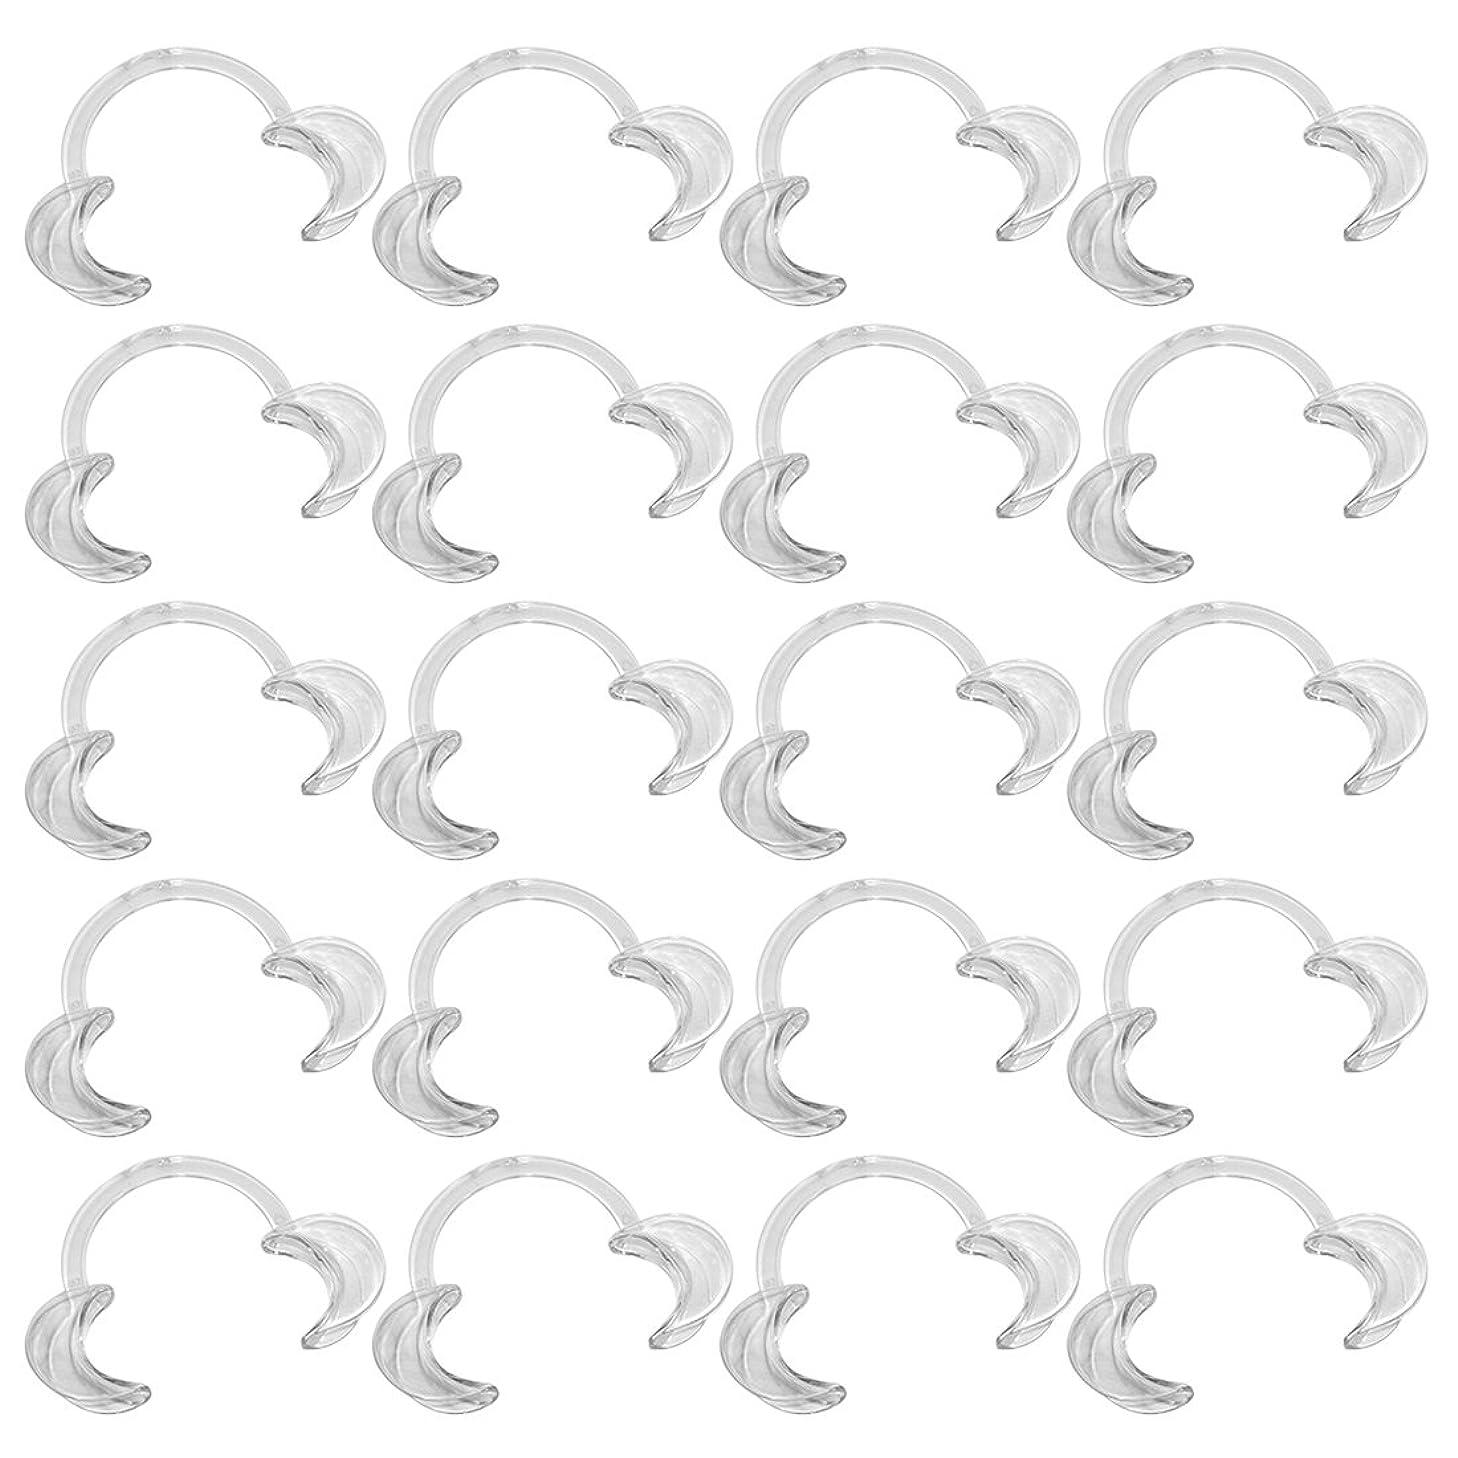 森林の前で落胆するEZGO 20個パック 歯科 C型 開口器 口オープナー マウスオープナー 開口マウスオープナー C型ホワイトニング口の開創器 S M L (20S)